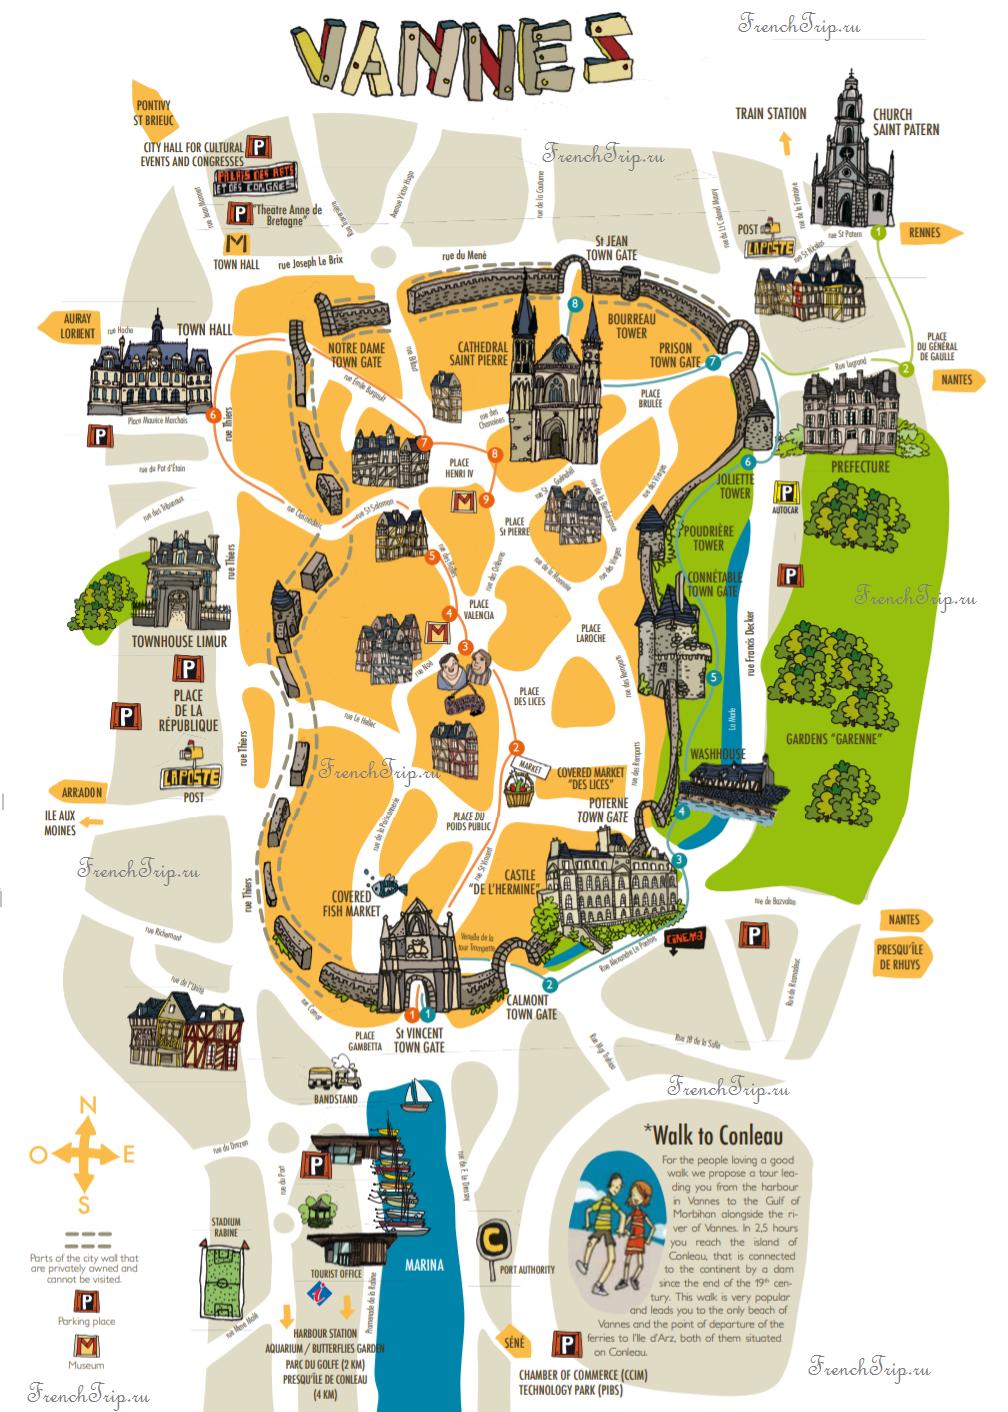 Vannes: туристические маршруты по городу Ван